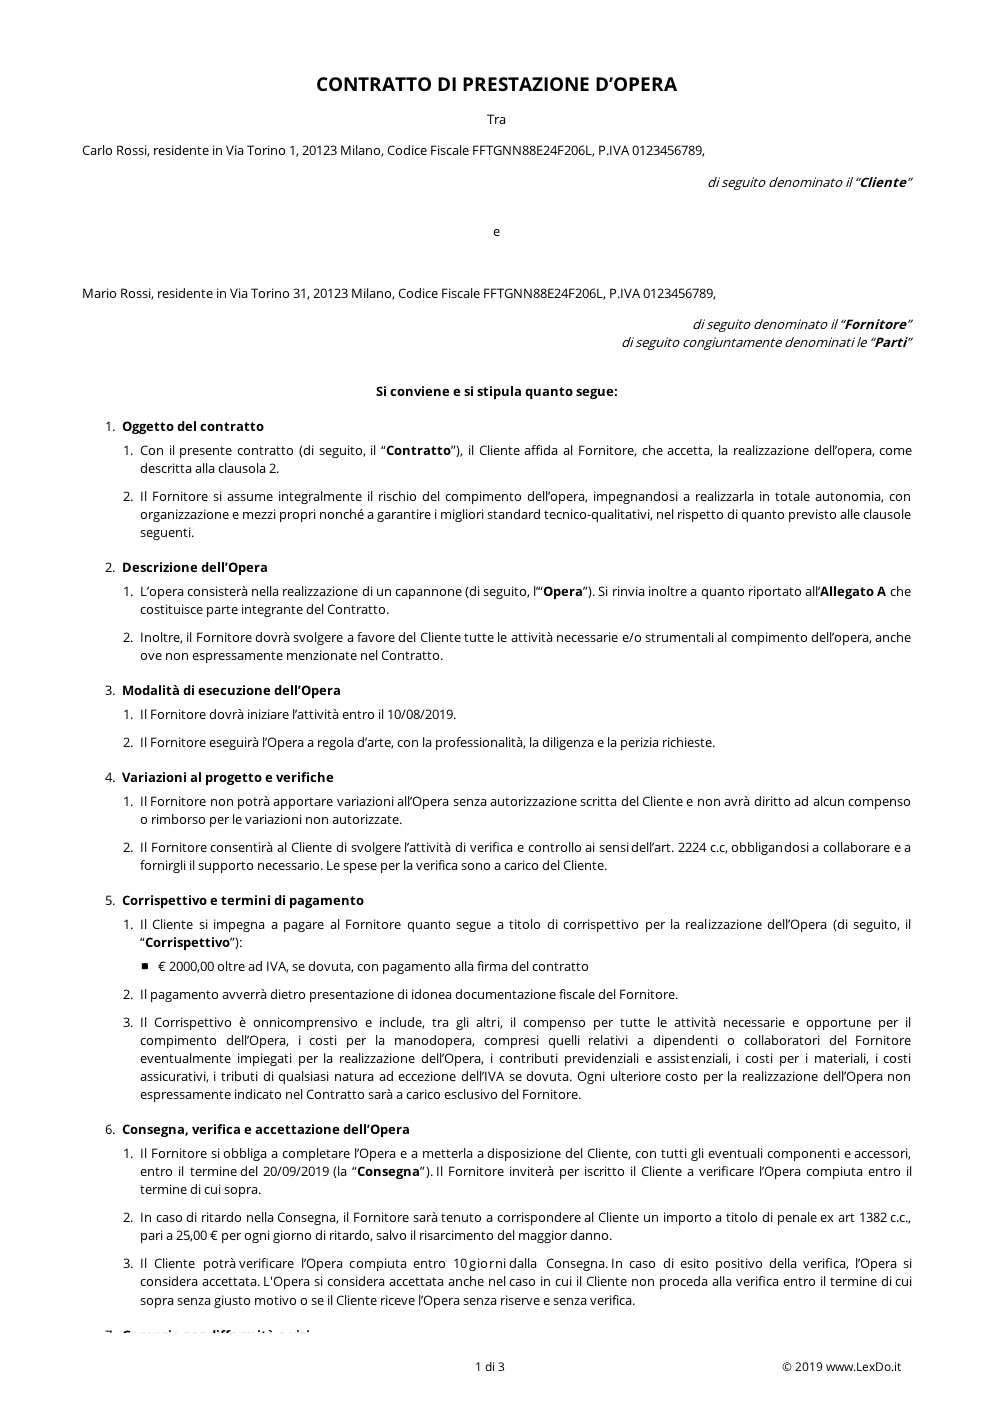 Contratto di Appalto d'Opera modello